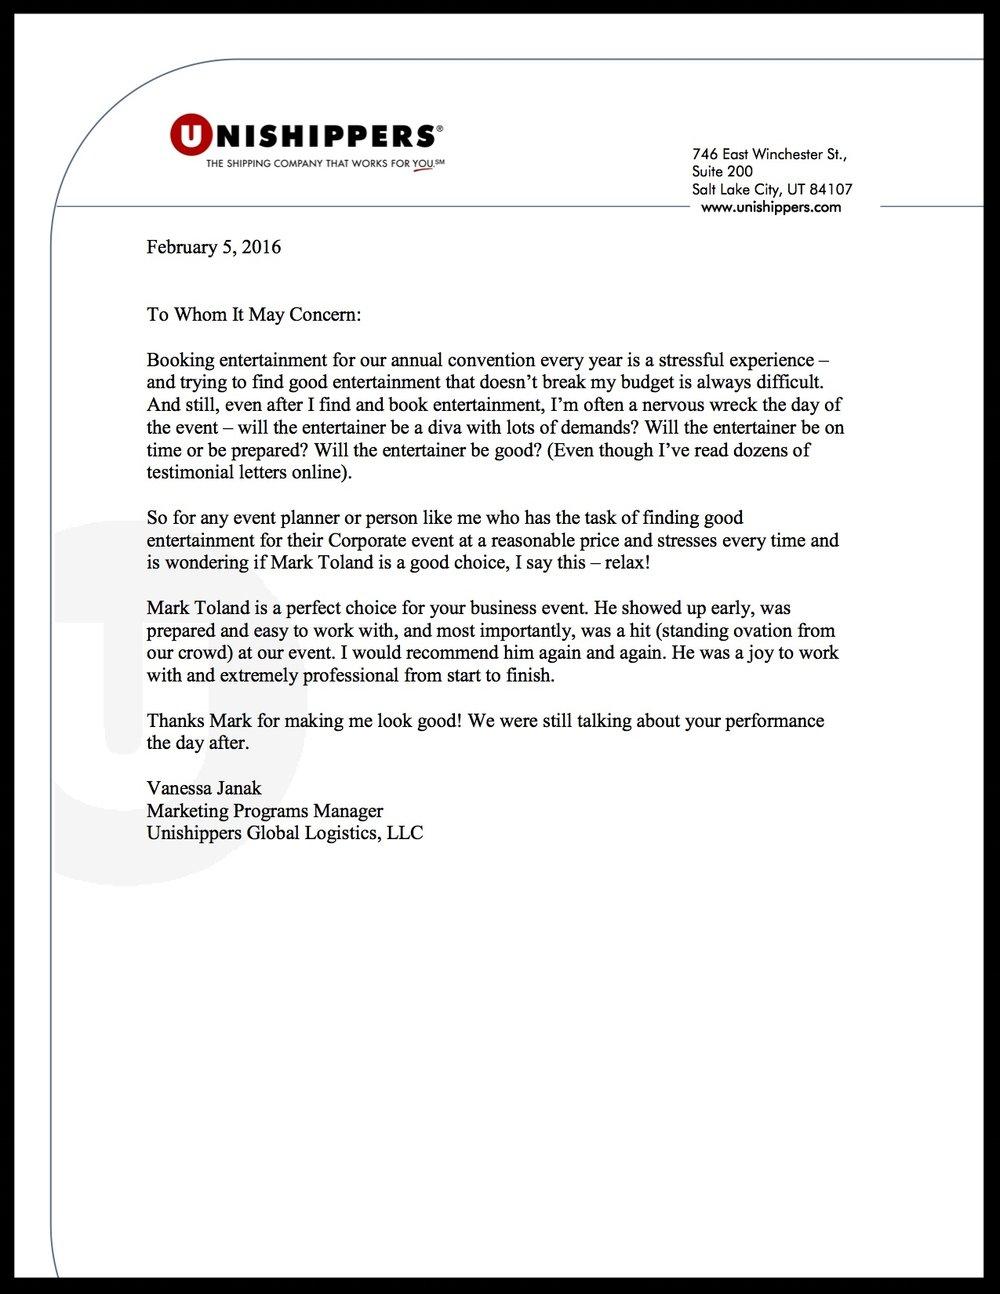 Unishippers Rec Letter.jpg